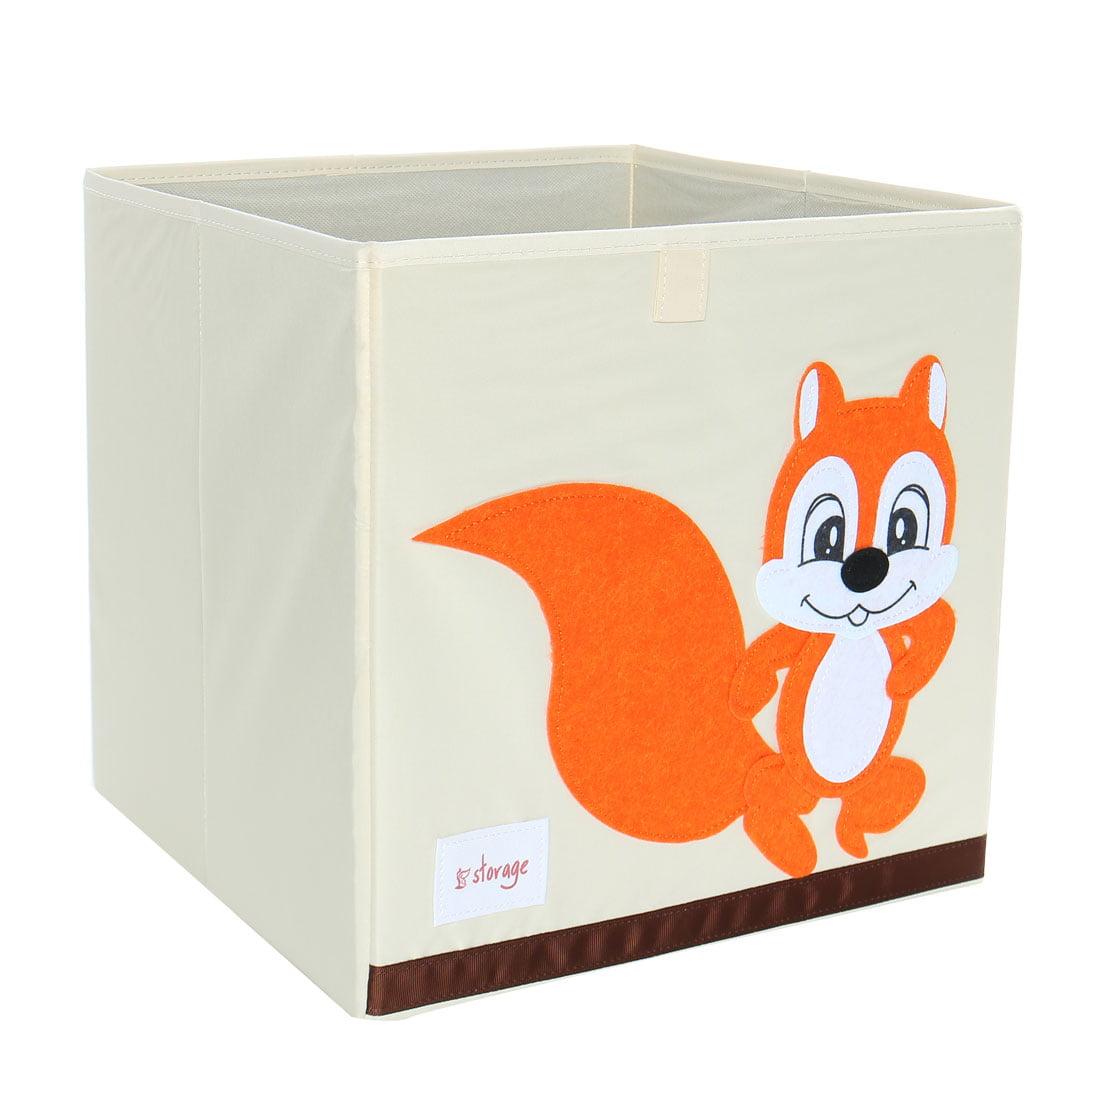 Foldable Toys Storage Bins Cartoon Cardboard Fabric Cubes 13x13x13